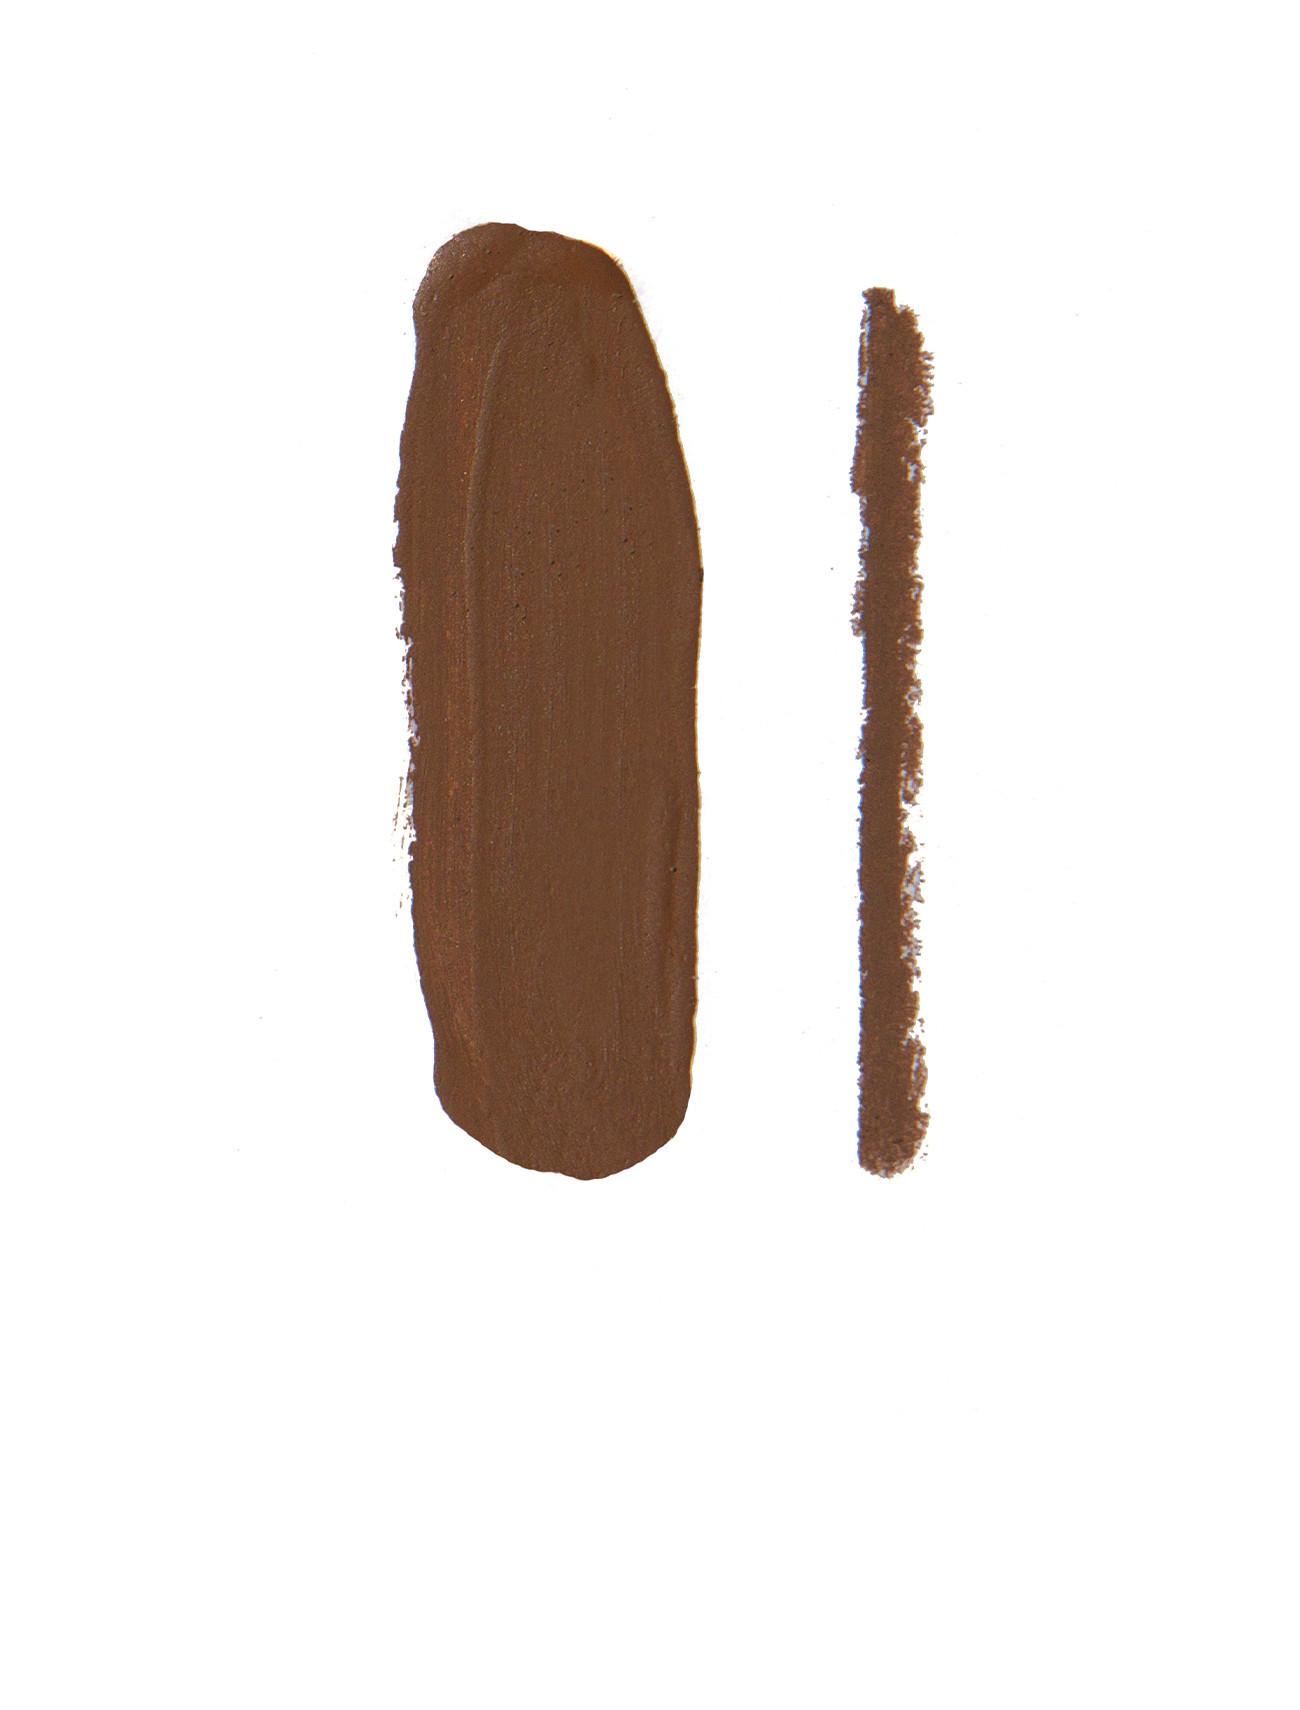 Помада Kylie True Brown K купить в магазине со скидкой: Матовая помада Kylie DOLCE K купить в интернет магазине